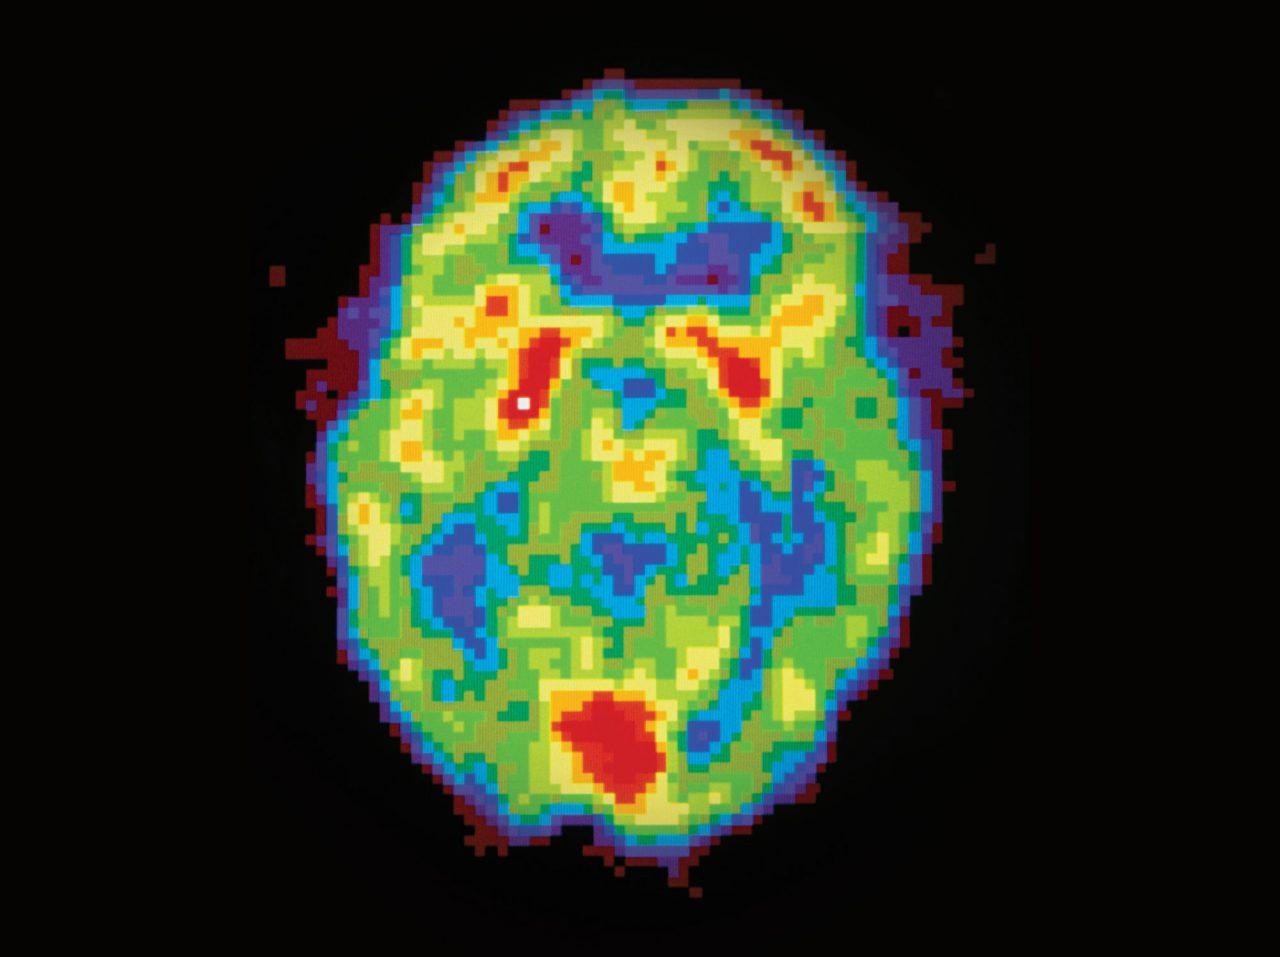 EEG aktivitet av hjernen